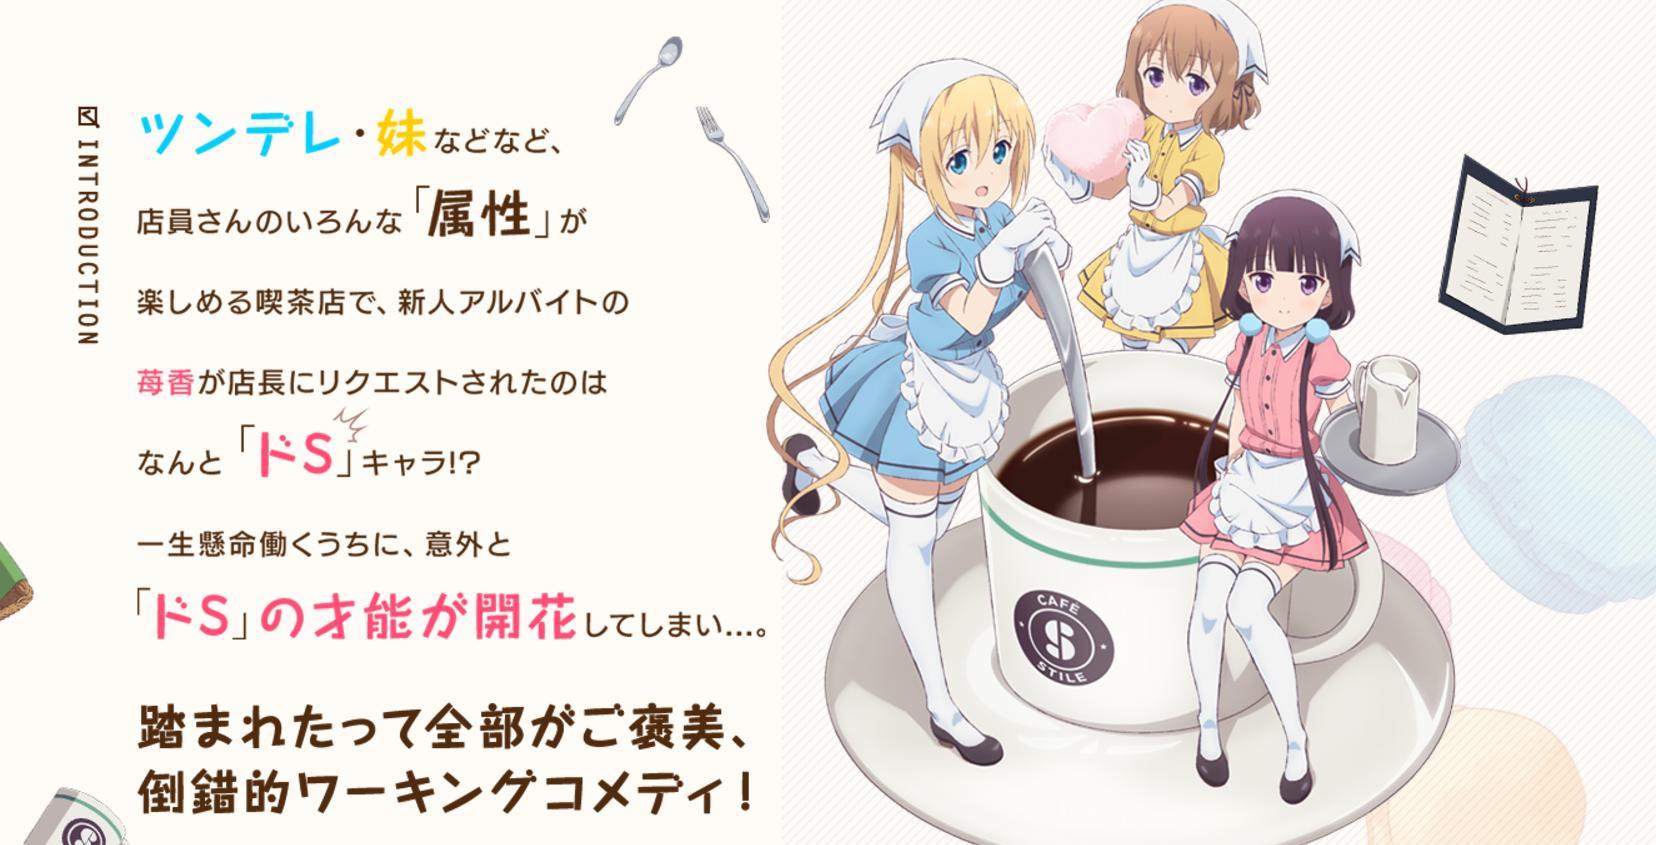 【新番】日常恋爱四格萌系漫画改编《调教咖啡厅》10月开播!